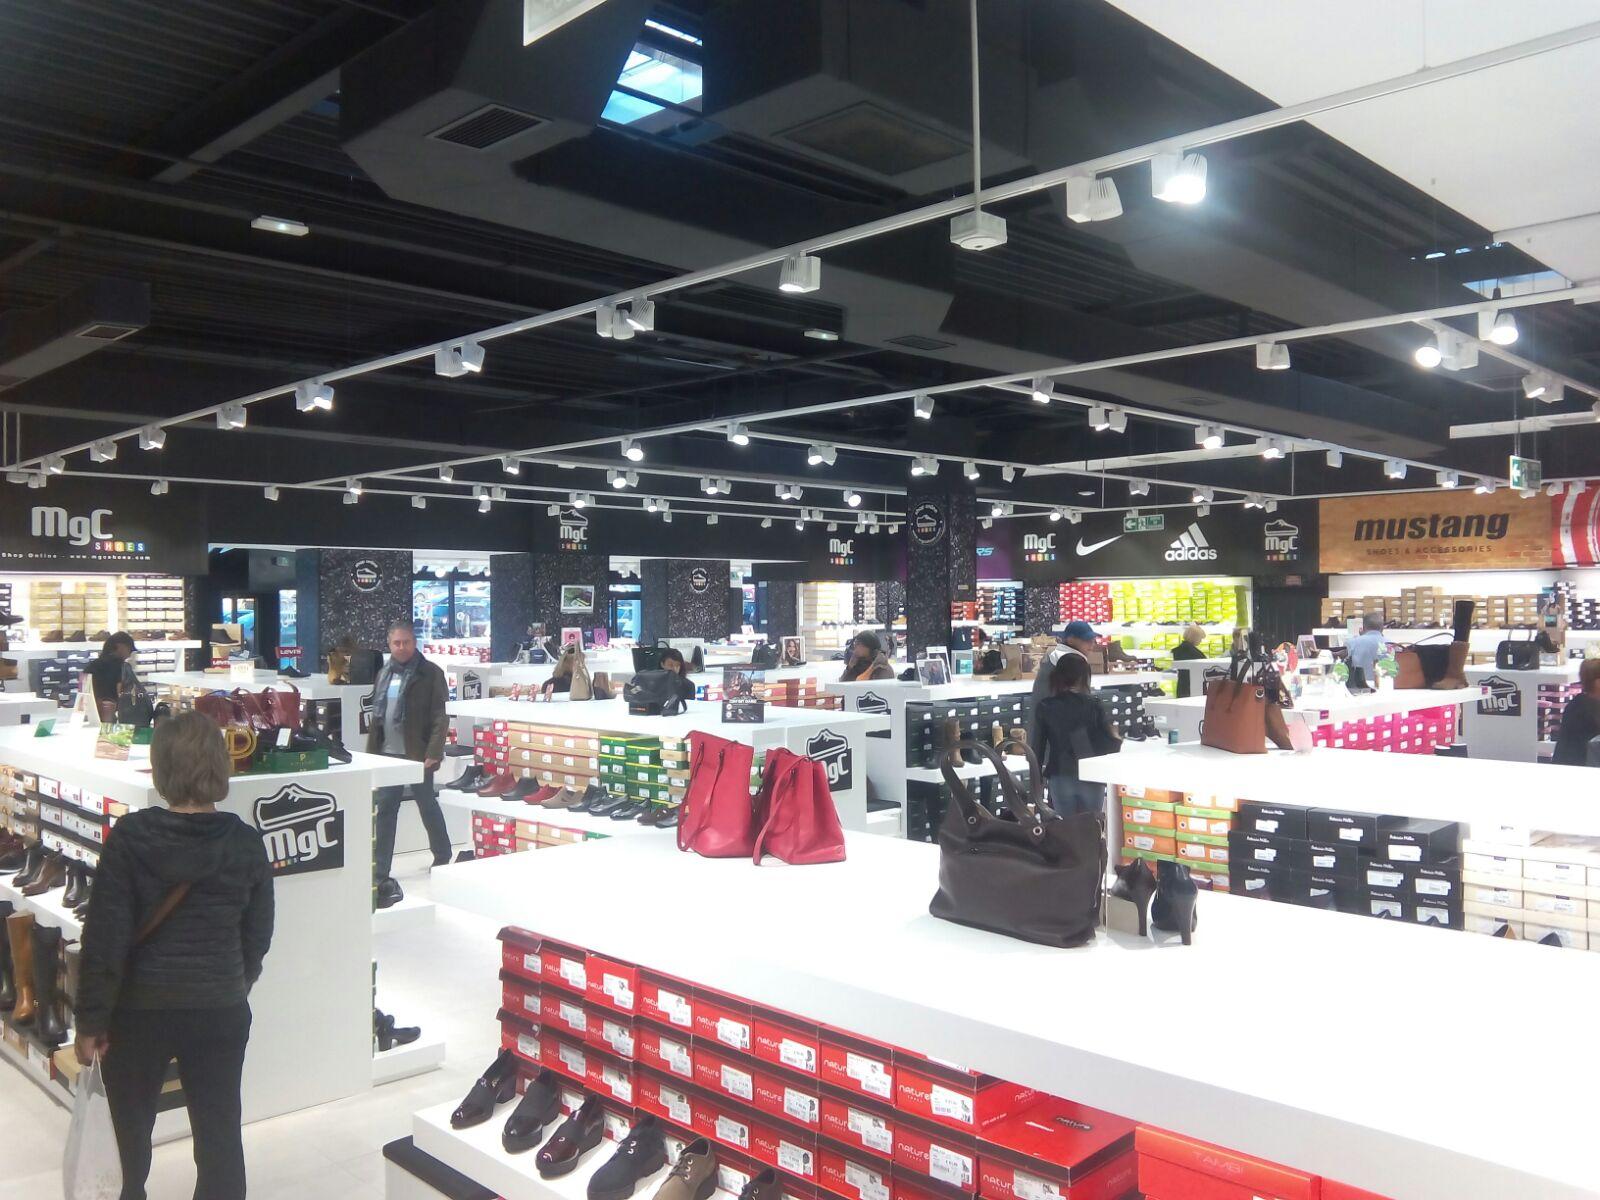 Tienda MegaCalzado